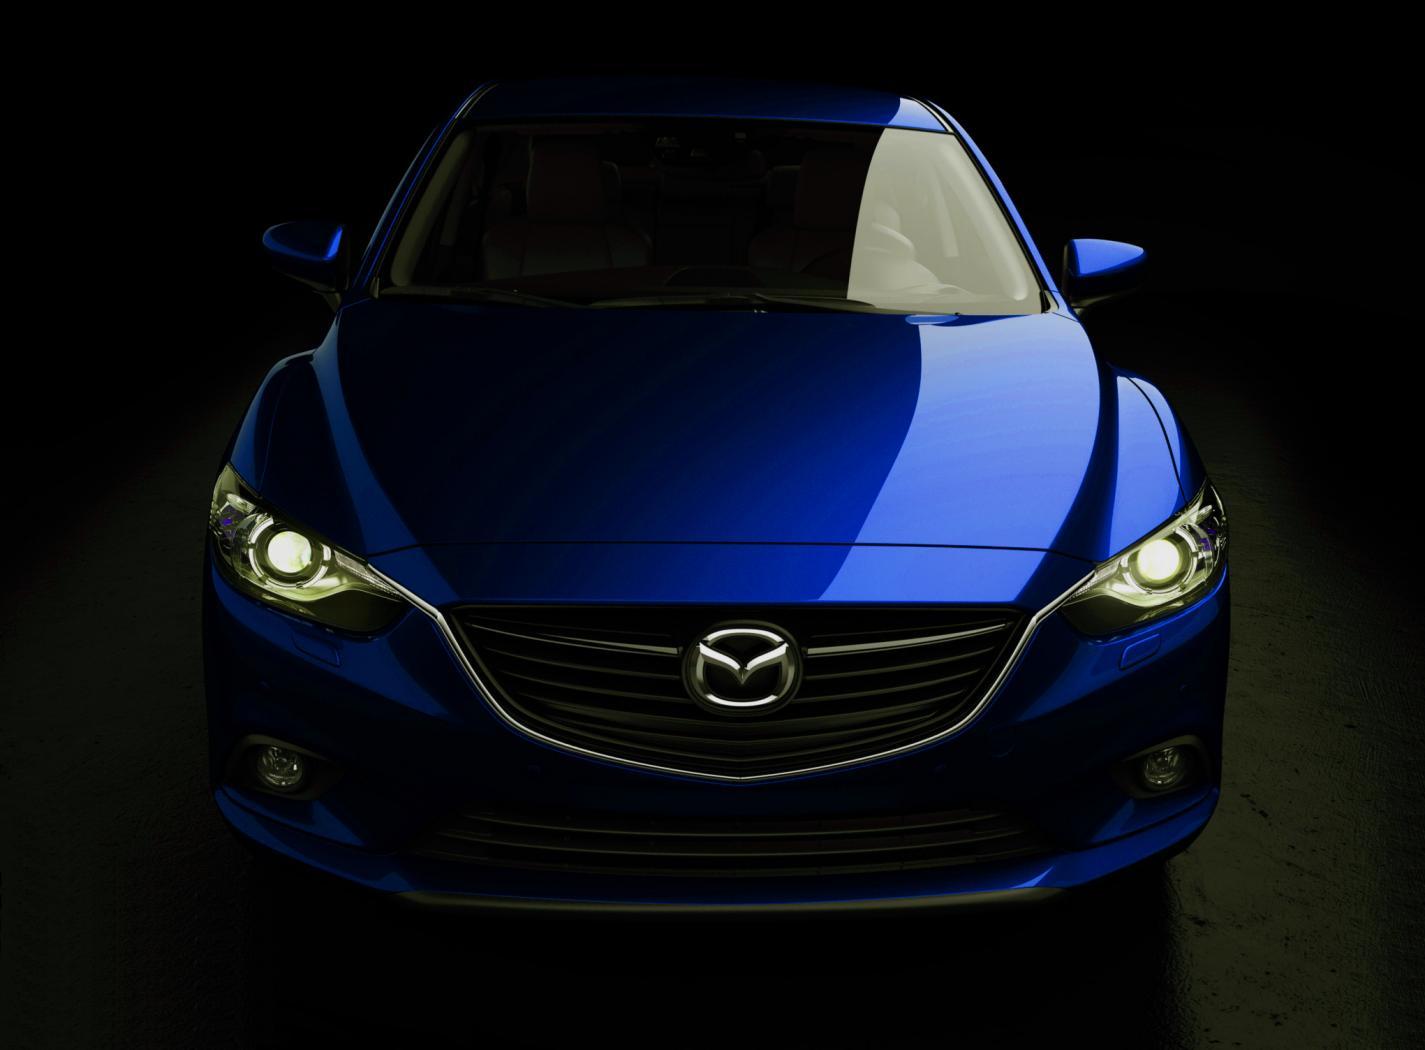 2013 Mazda 6 Sedan Blue - wallpaper world